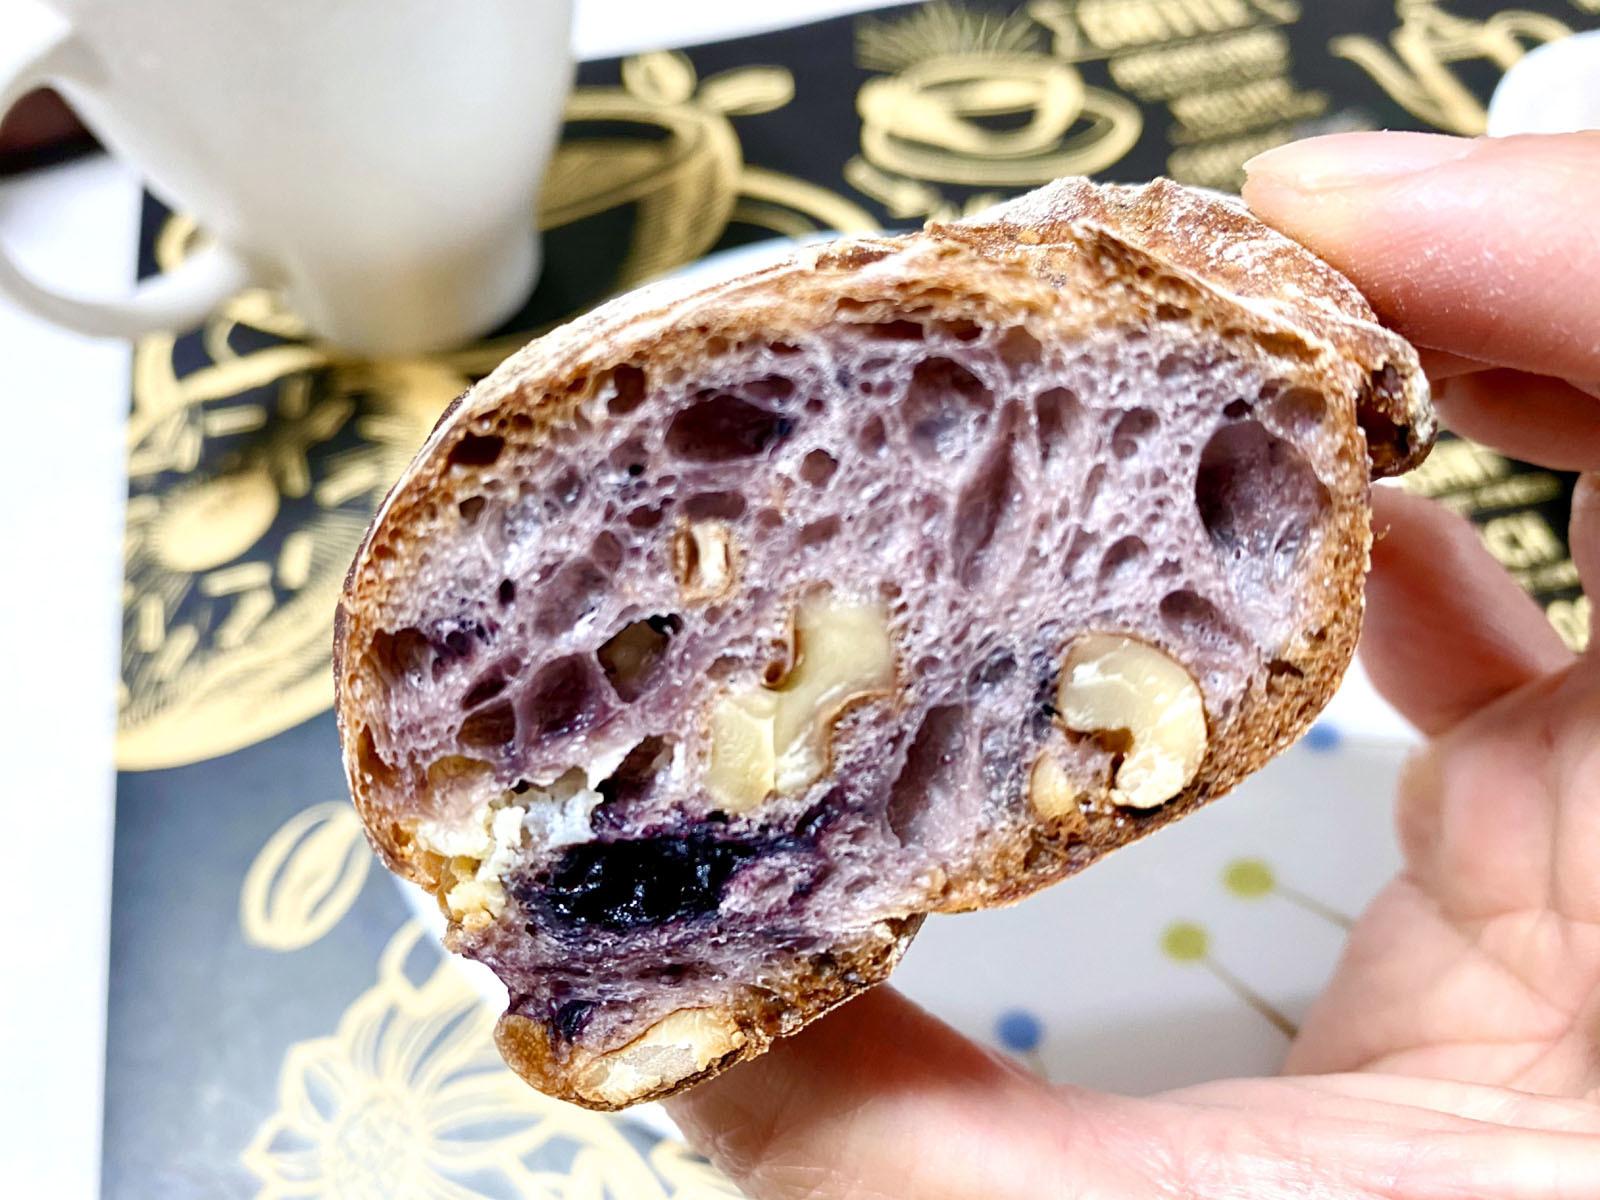 パン・ド・ロデヴ ブルーベリークリームチーズ 380円+税(断面)